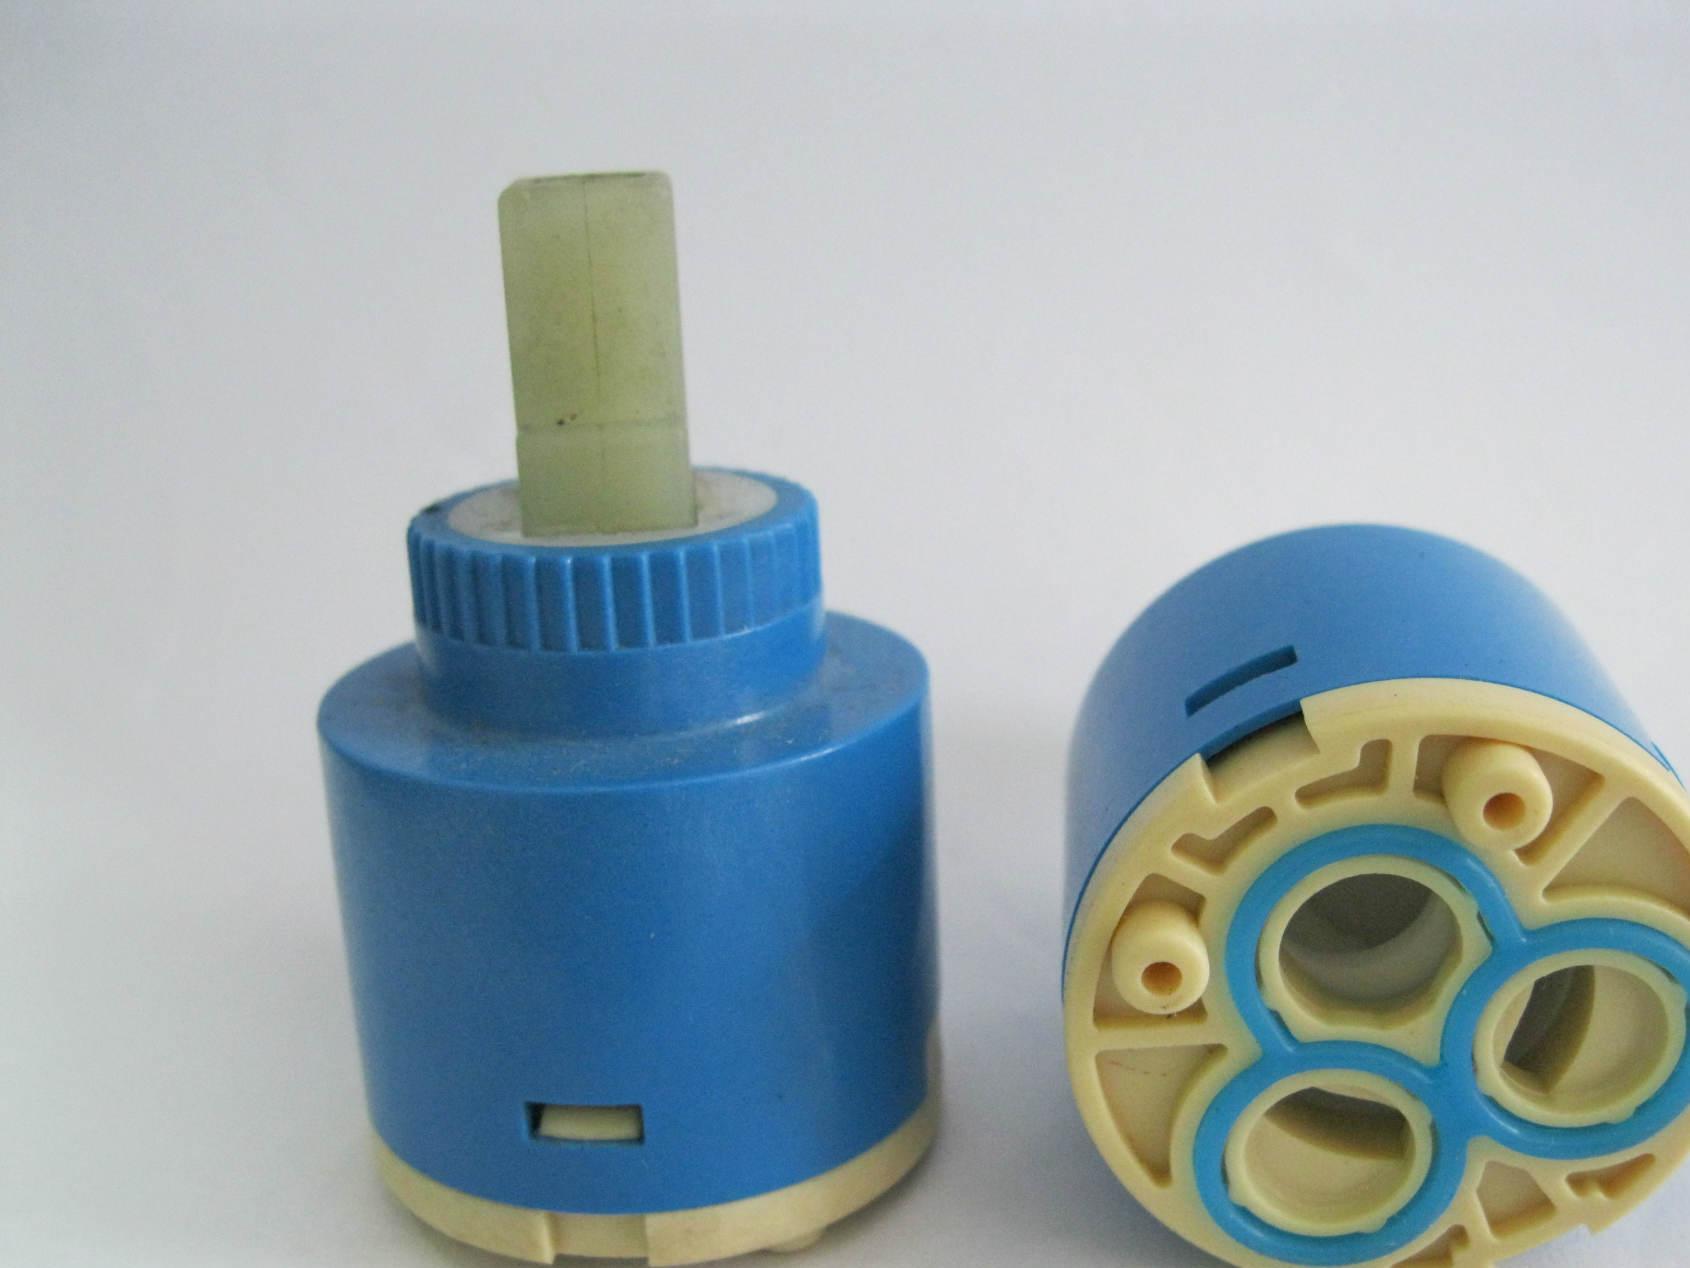 水龙头阀芯厂家专业生产直销分水器阀芯35左右旋转90°阀芯J3509